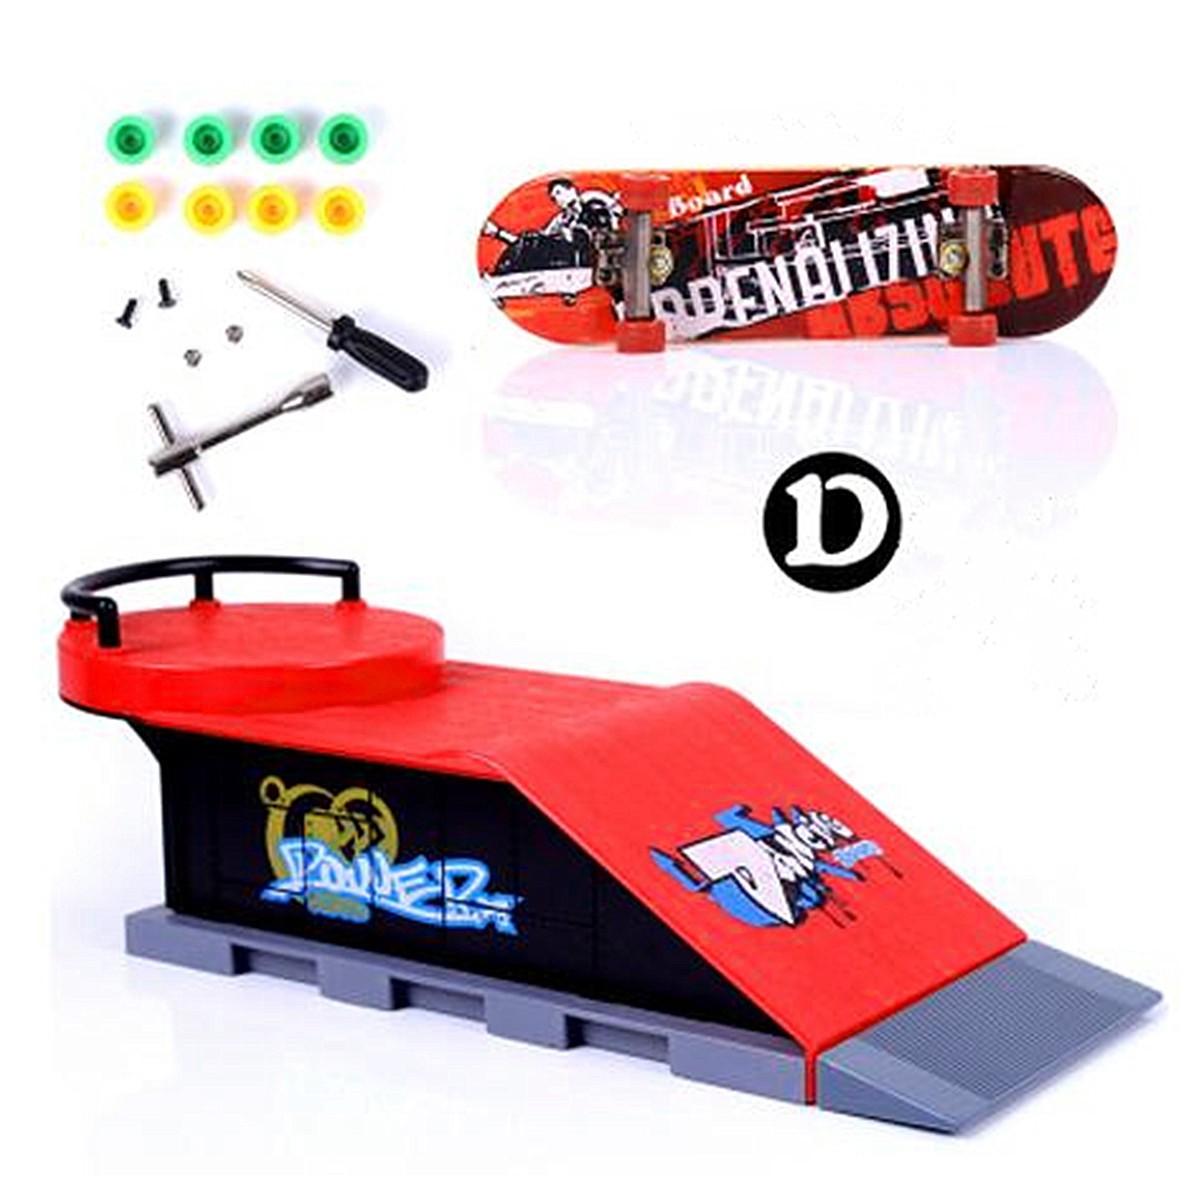 6 Types Skate Park Ramp Parts for Tech Deck Fingerboard Ultimate Parks D - intl